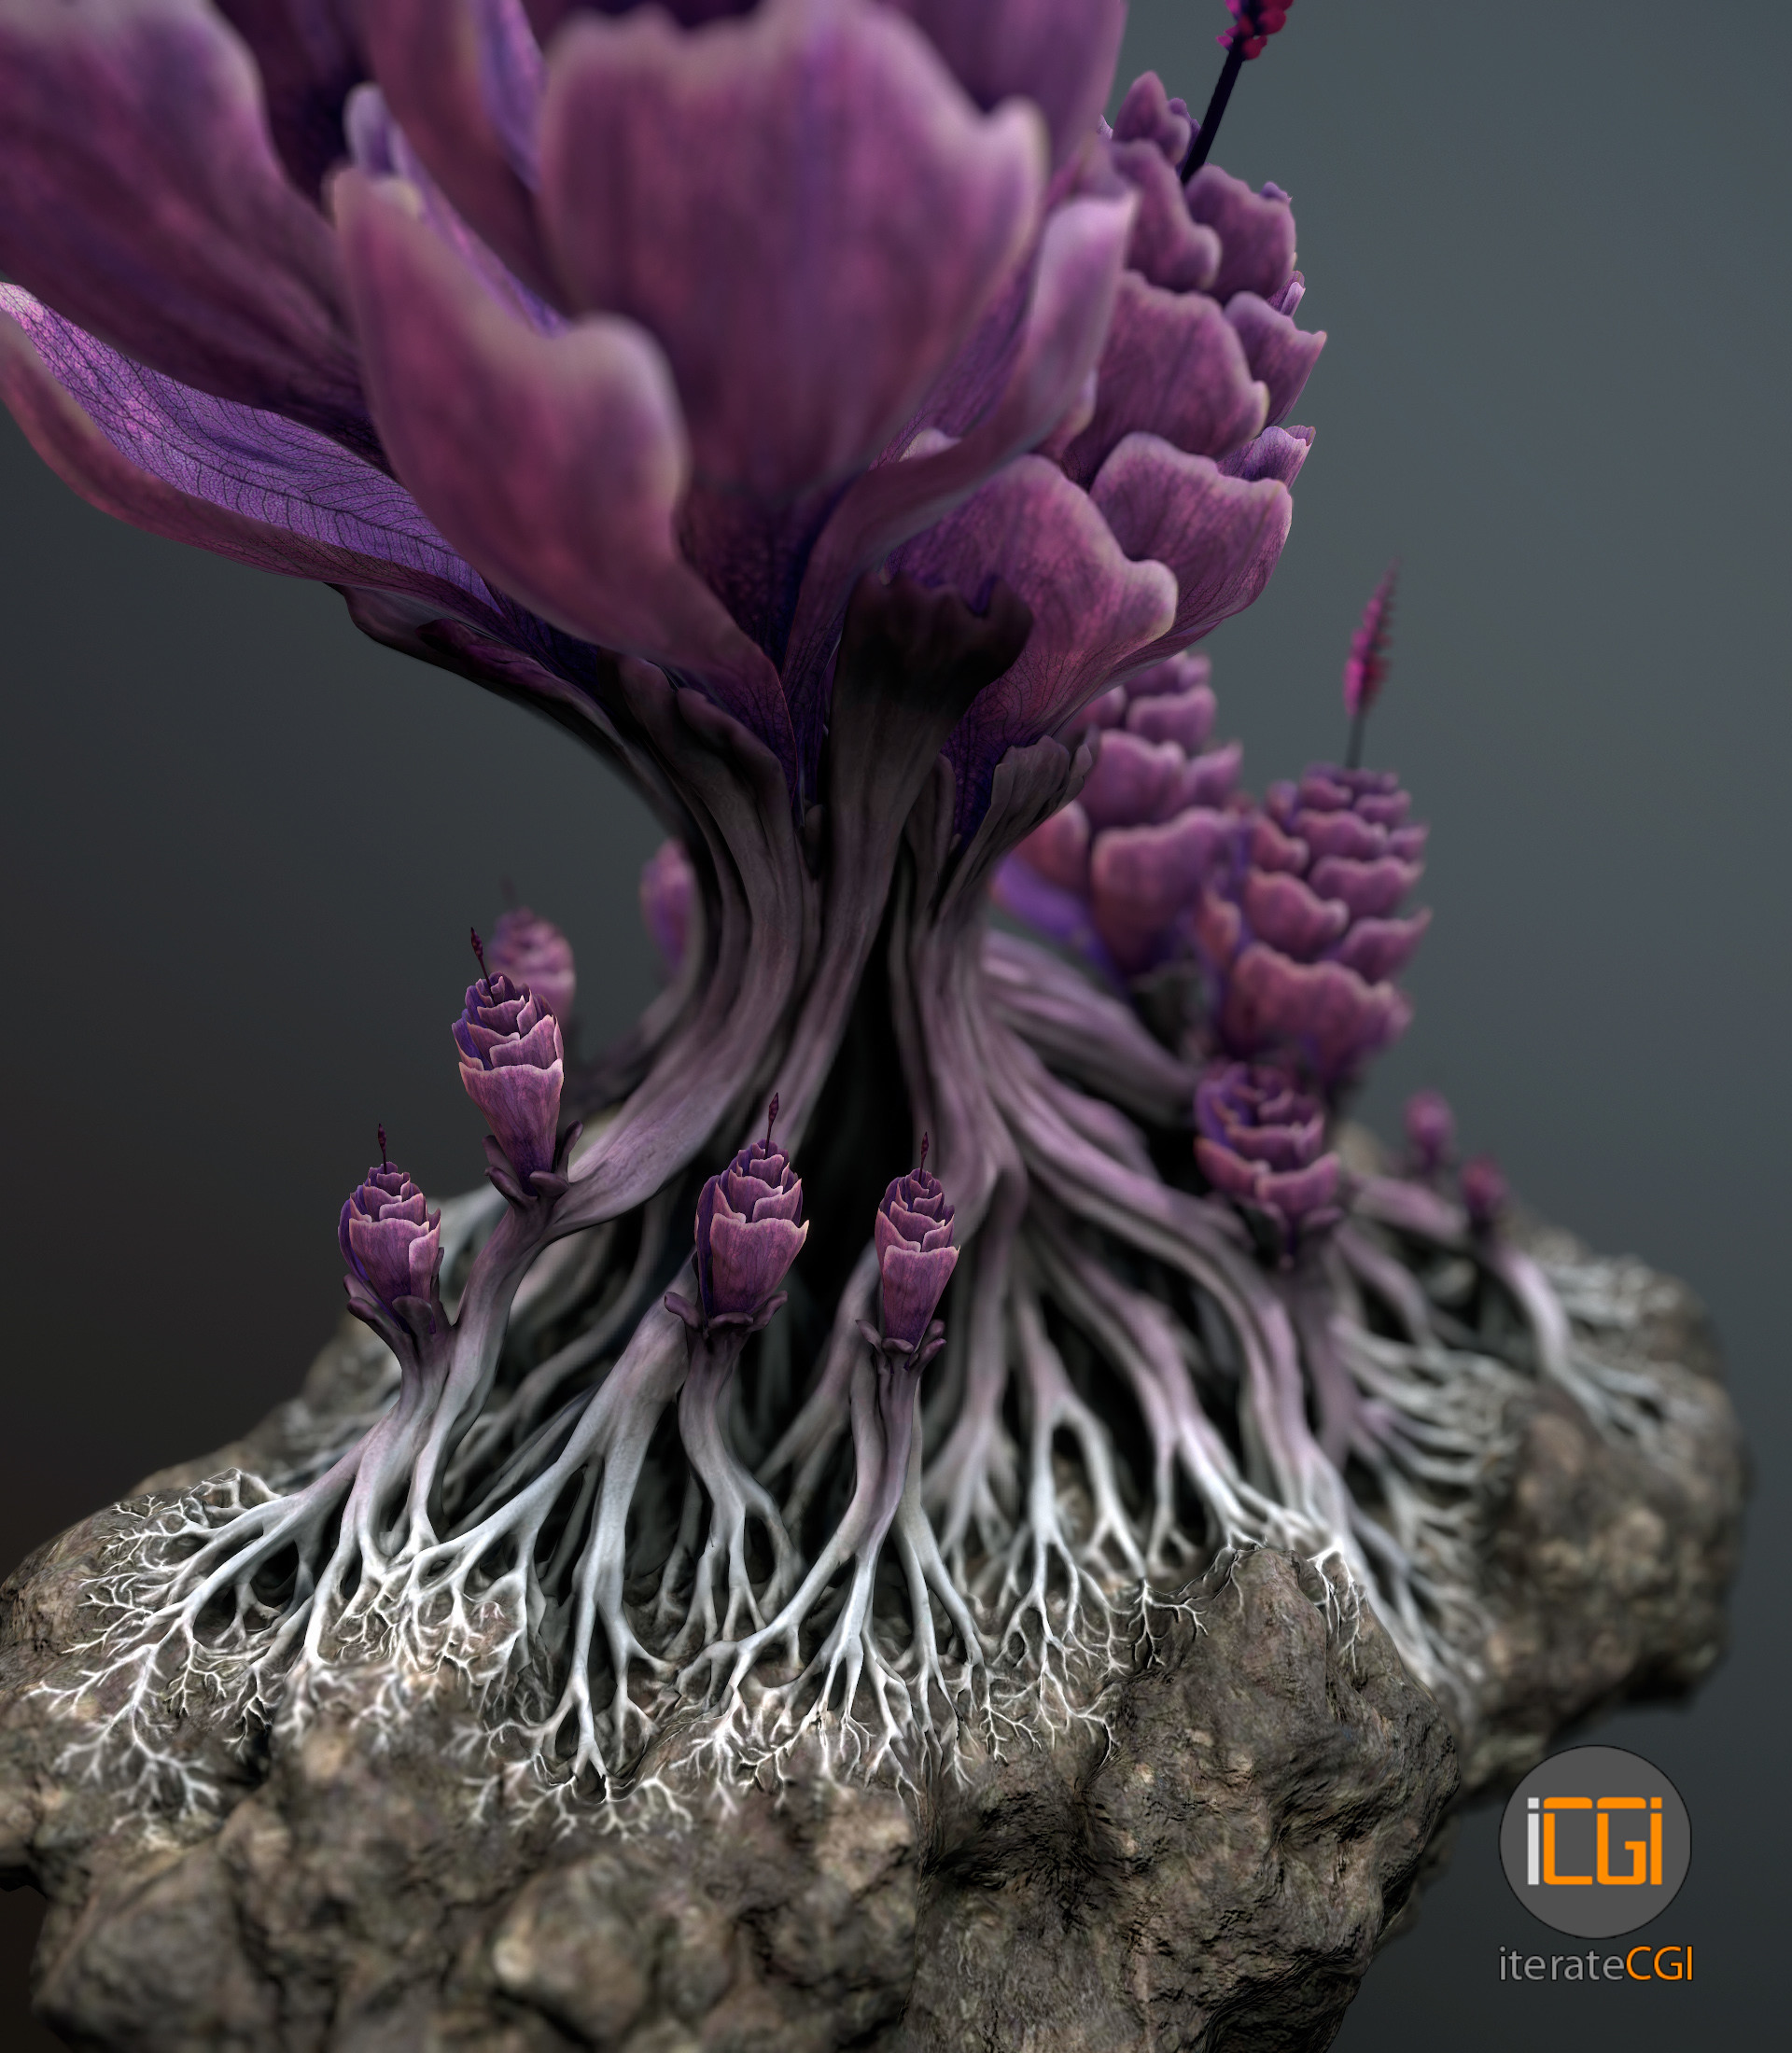 Johan de leenheer alien plantch5